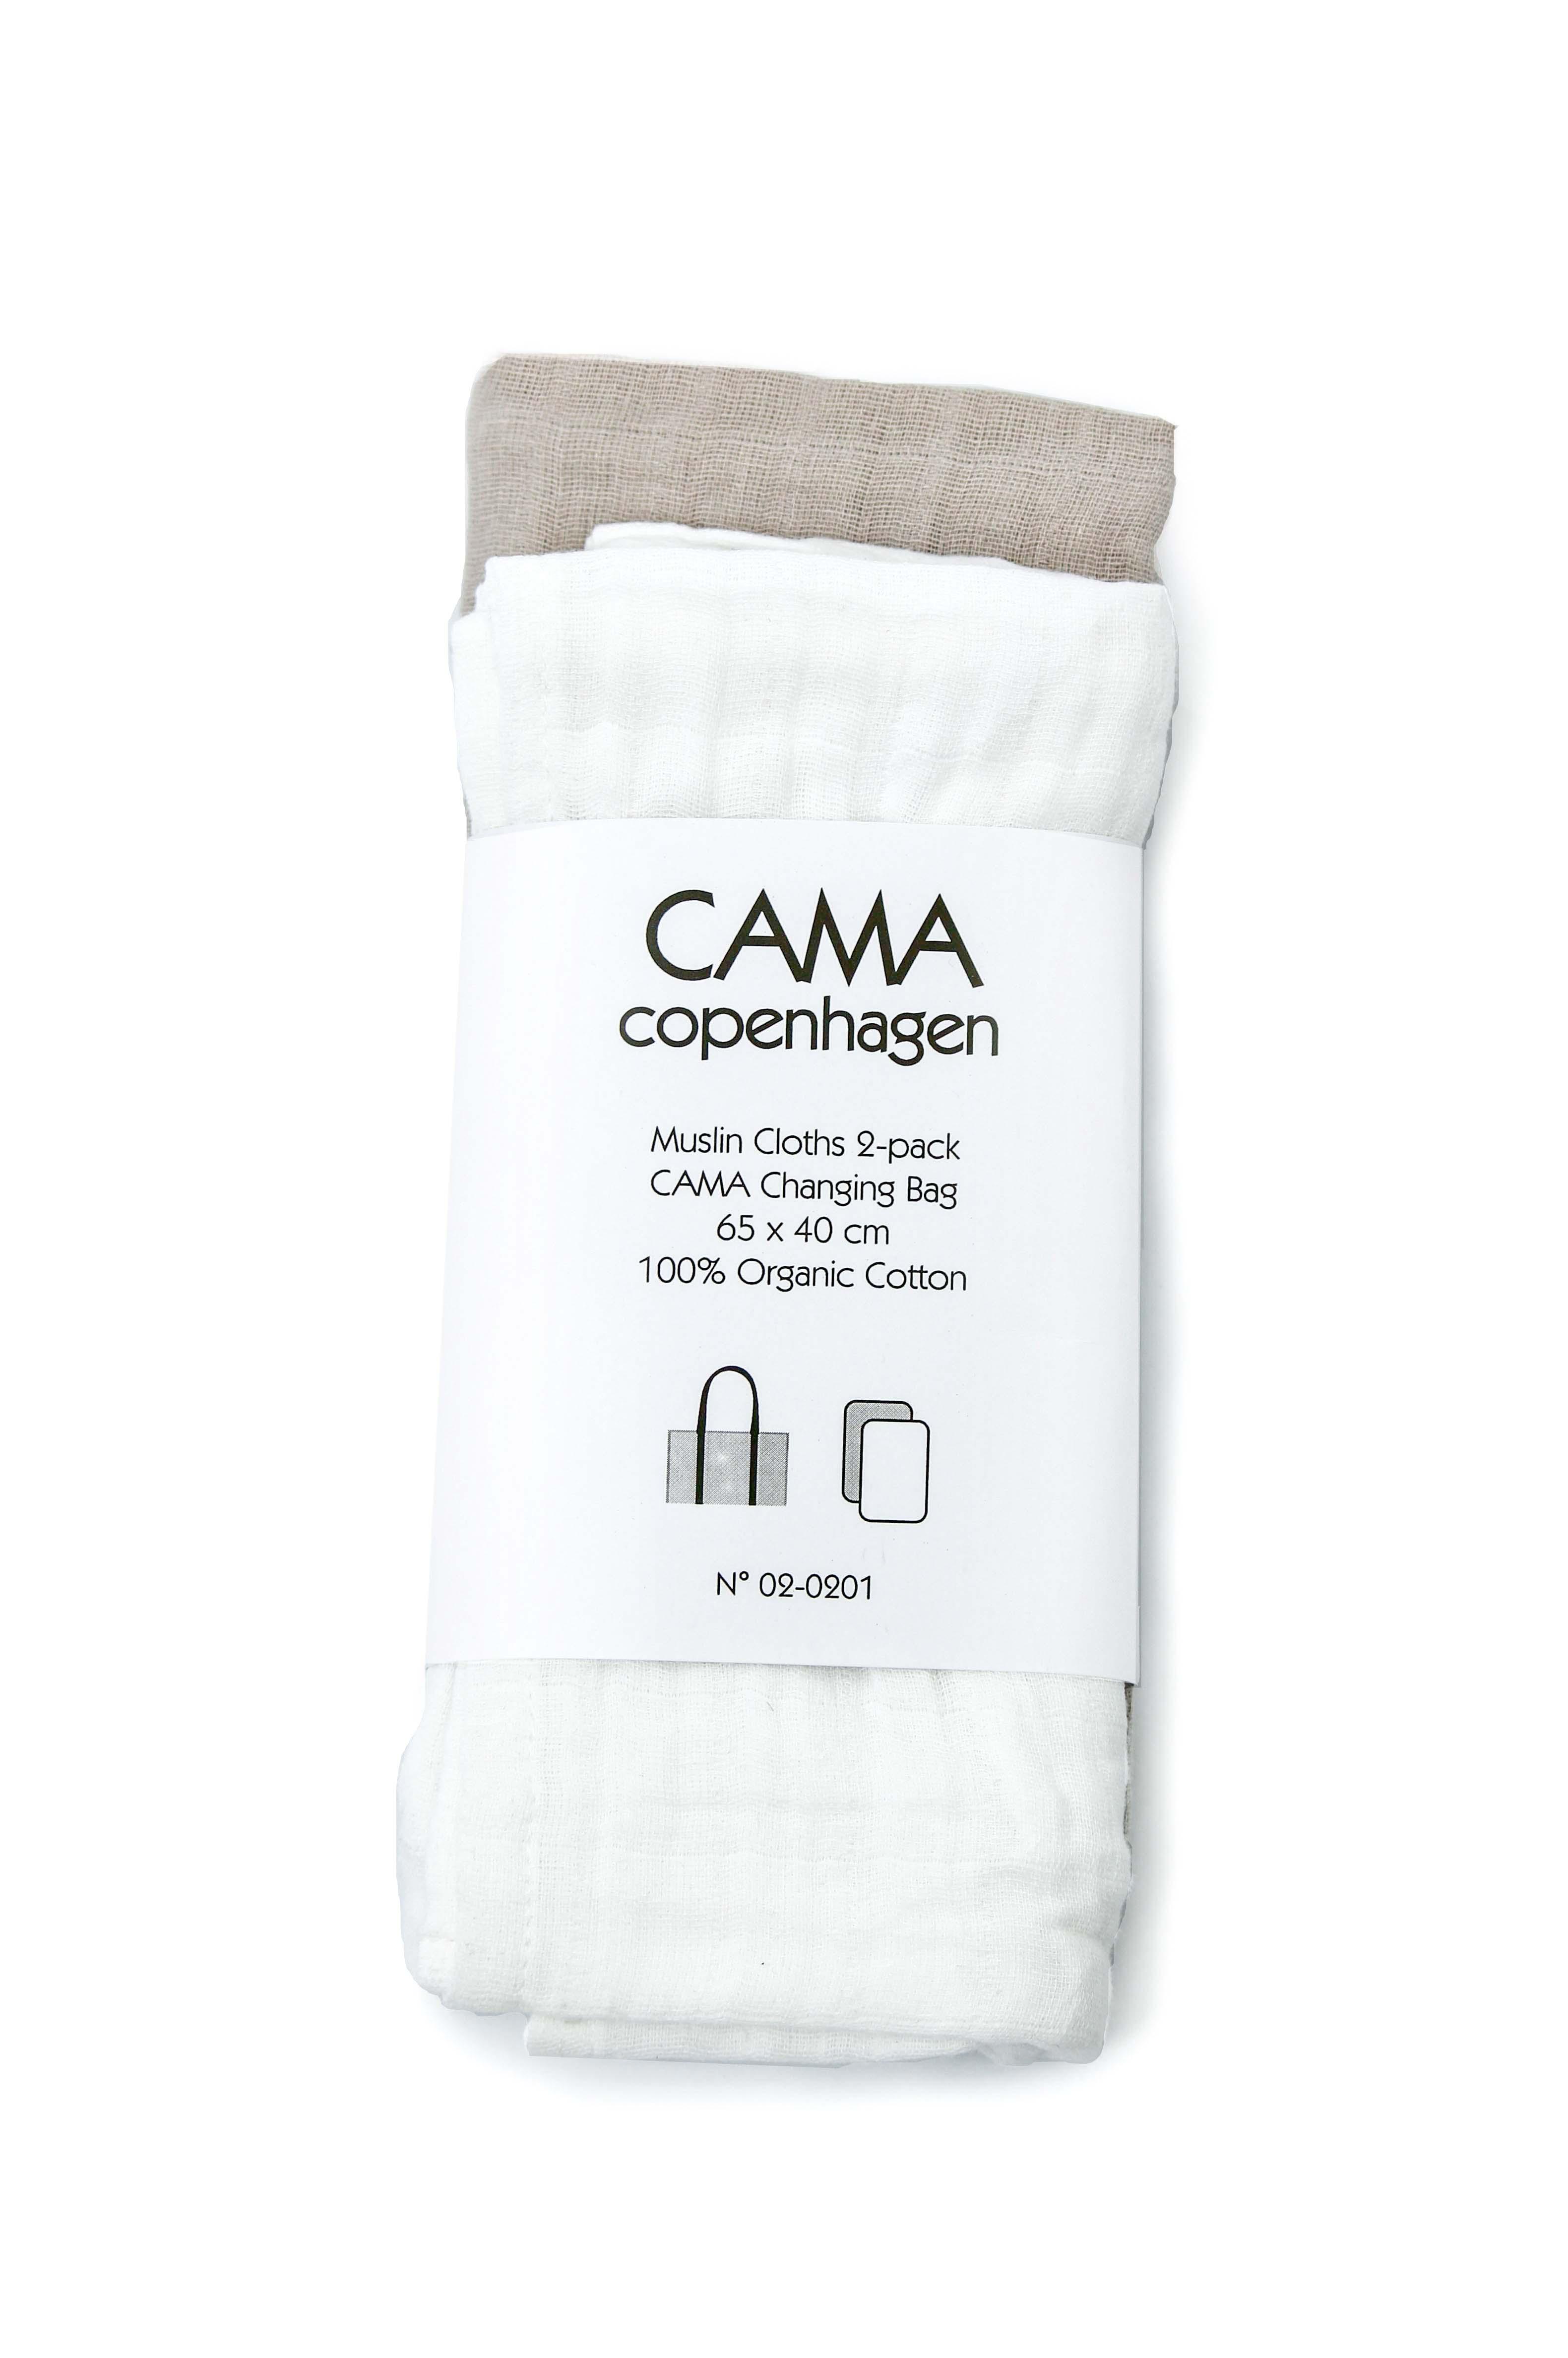 CAMA Copenhagen Skötunderlägg 2-pack - Vit/Beige